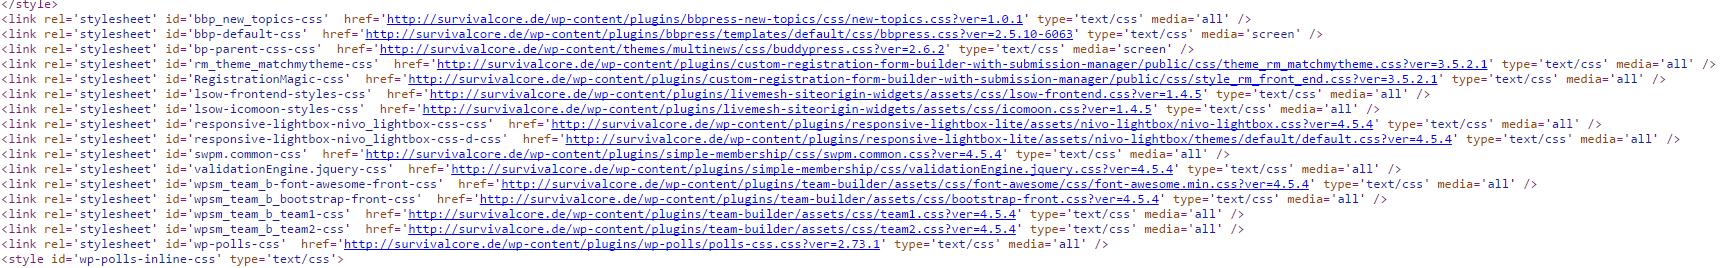 HTML Code mit Scriptaufrufen